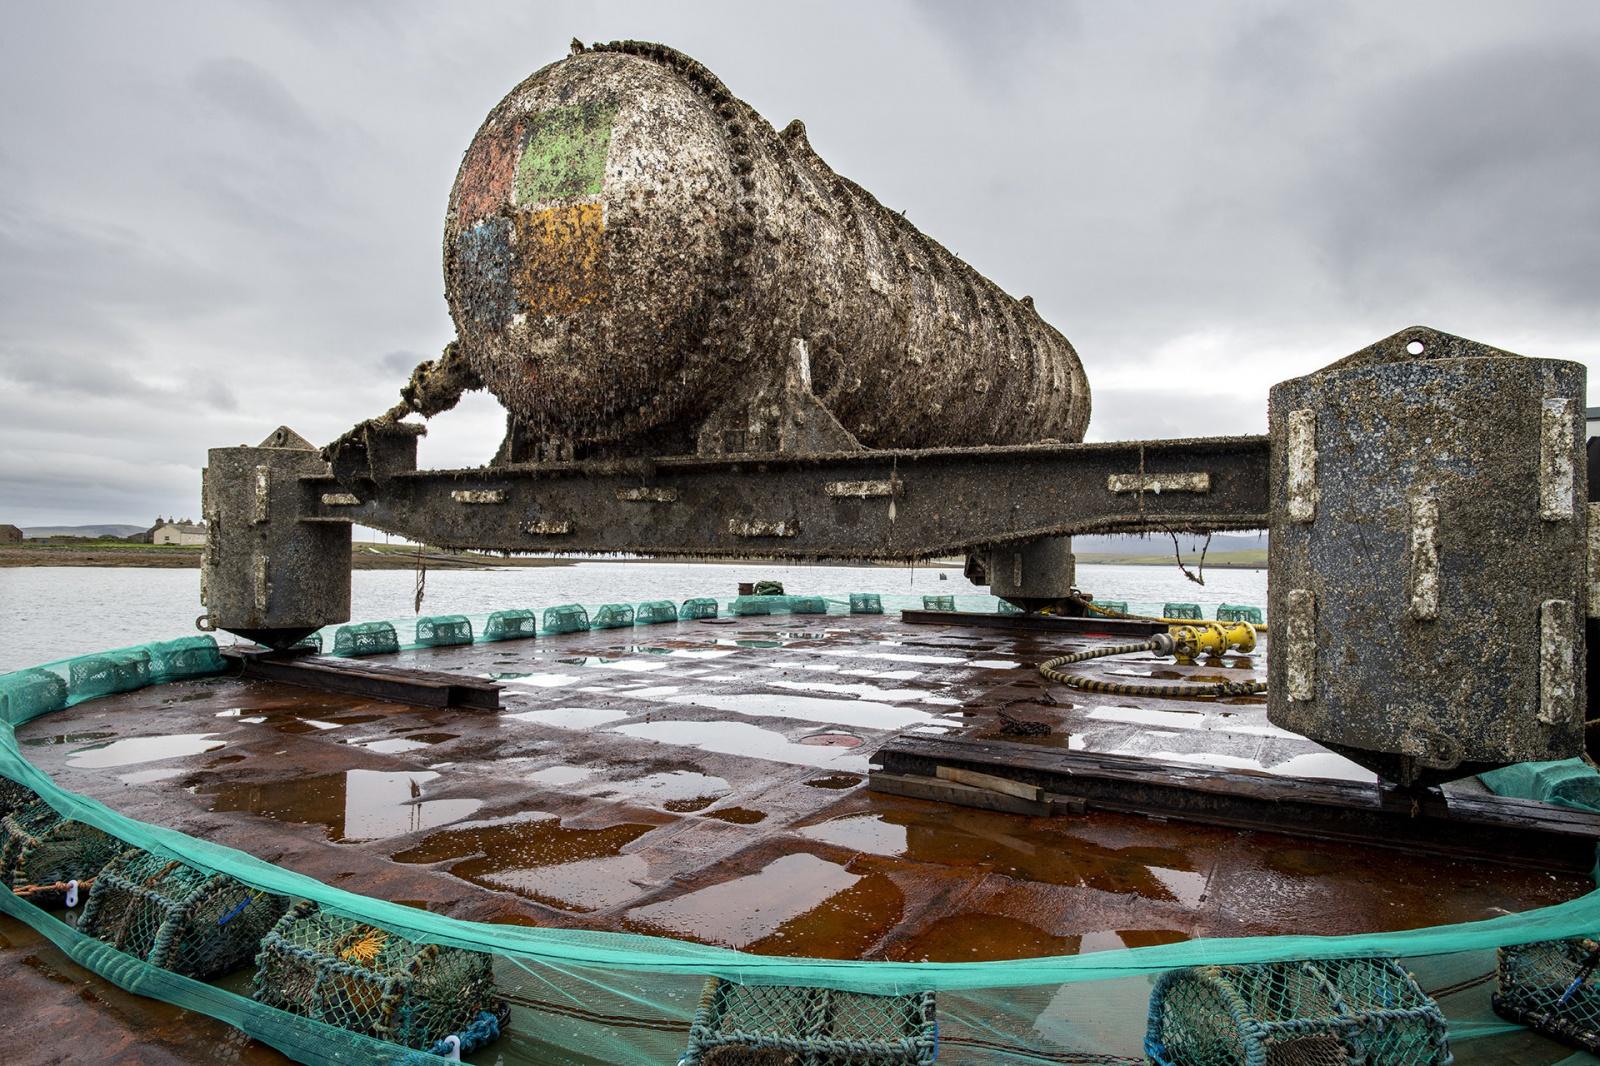 Microsoft отчиталась об успешном проведении эксперимента по созданию подводного дата-центра - 7